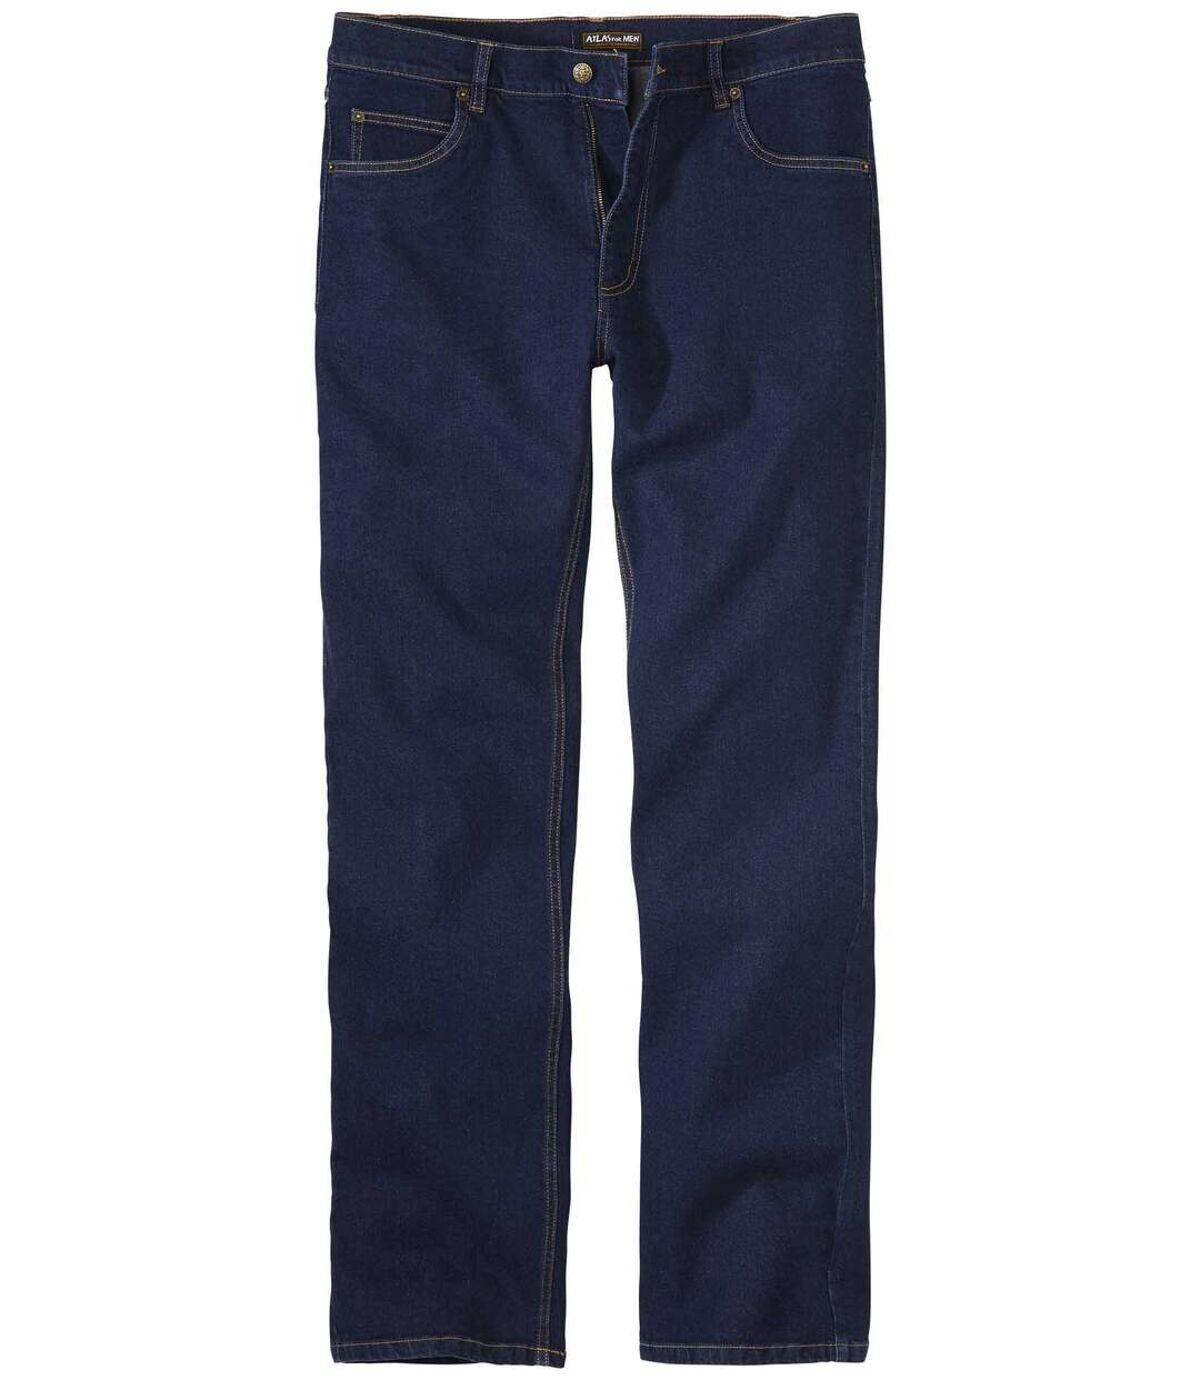 Modré strečové džíny rovného střihu Atlas For Men